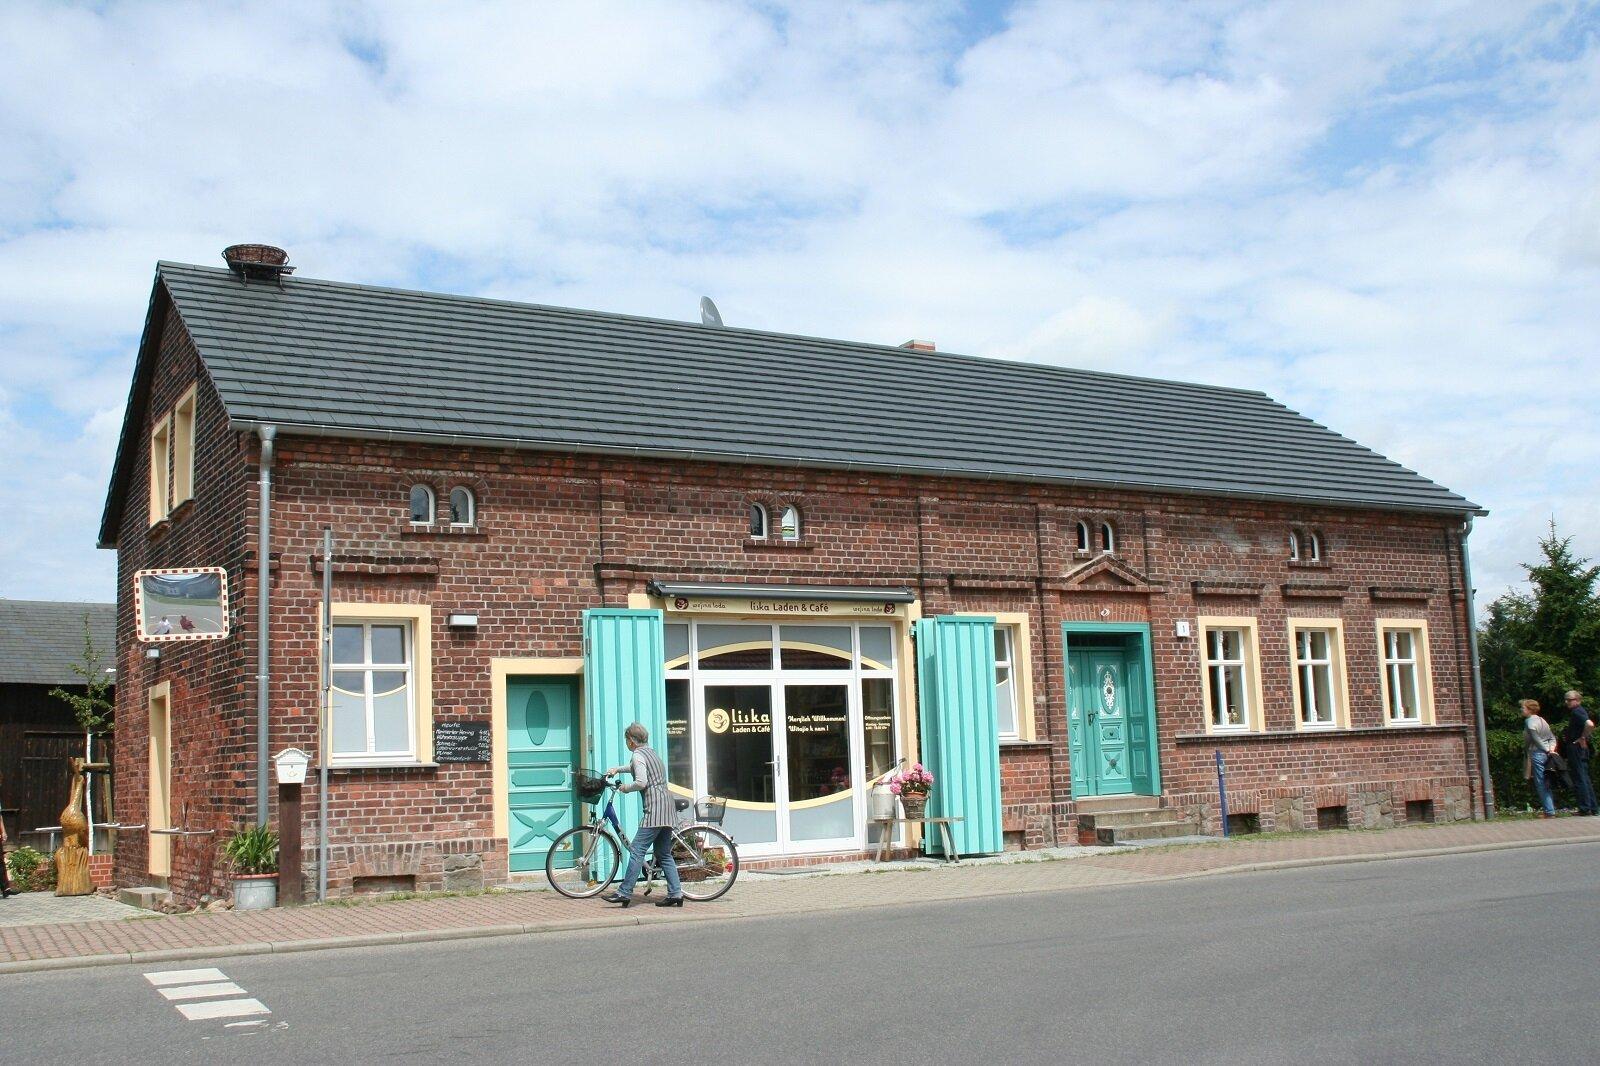 Spreeauenhof mit Eiscafé Liska